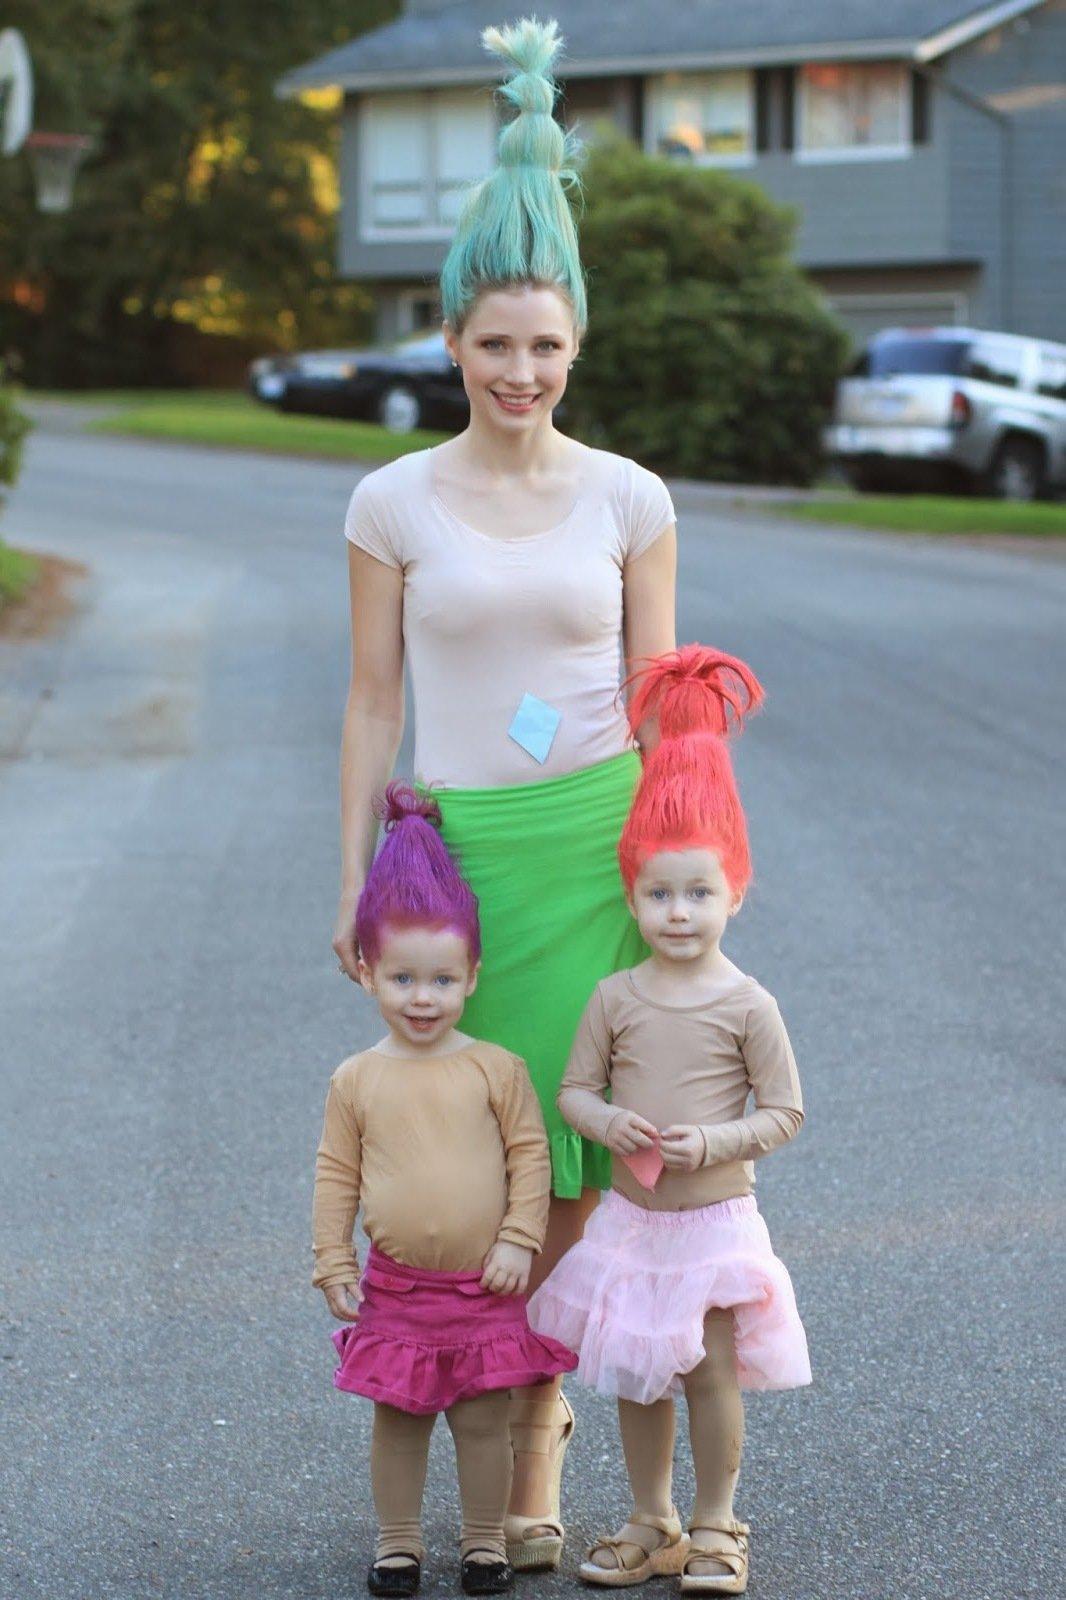 Halloween Kostüm Ideen: Die immer gutgelaunten Trolle feiern Halloween